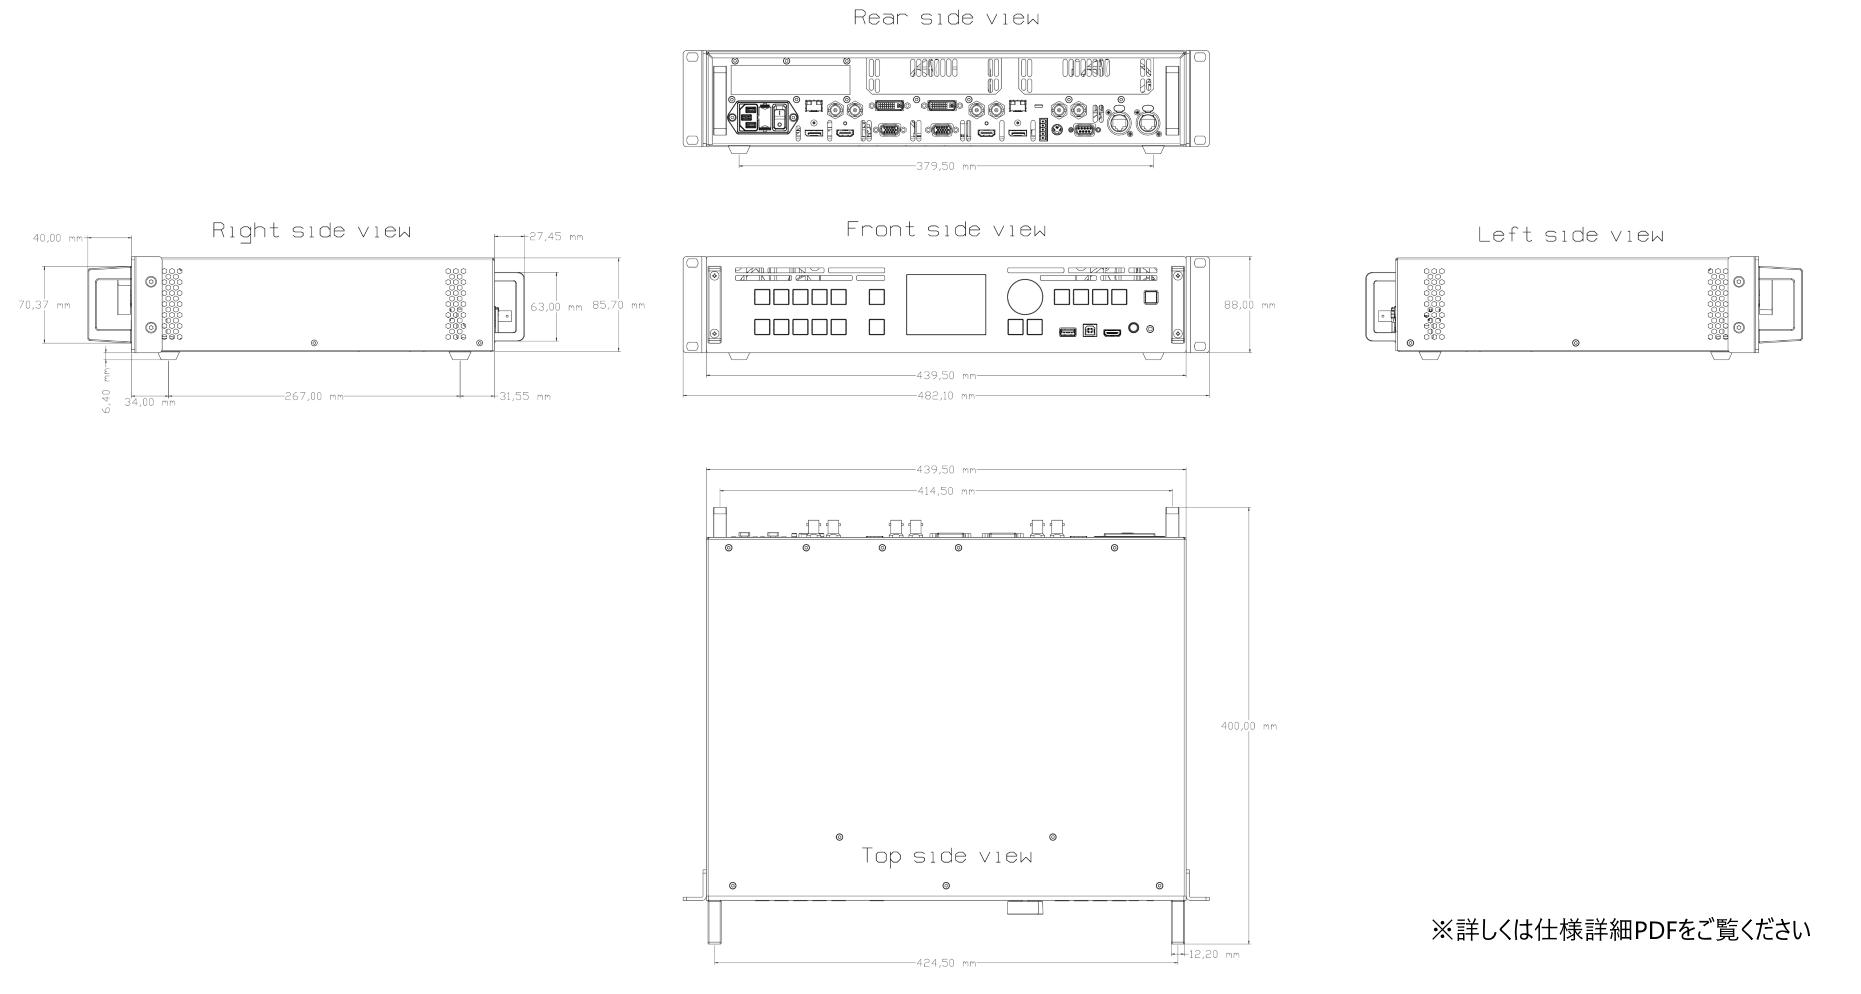 ANALOG WAY マルチフォーマットコンバーター(VIO-4K V701)